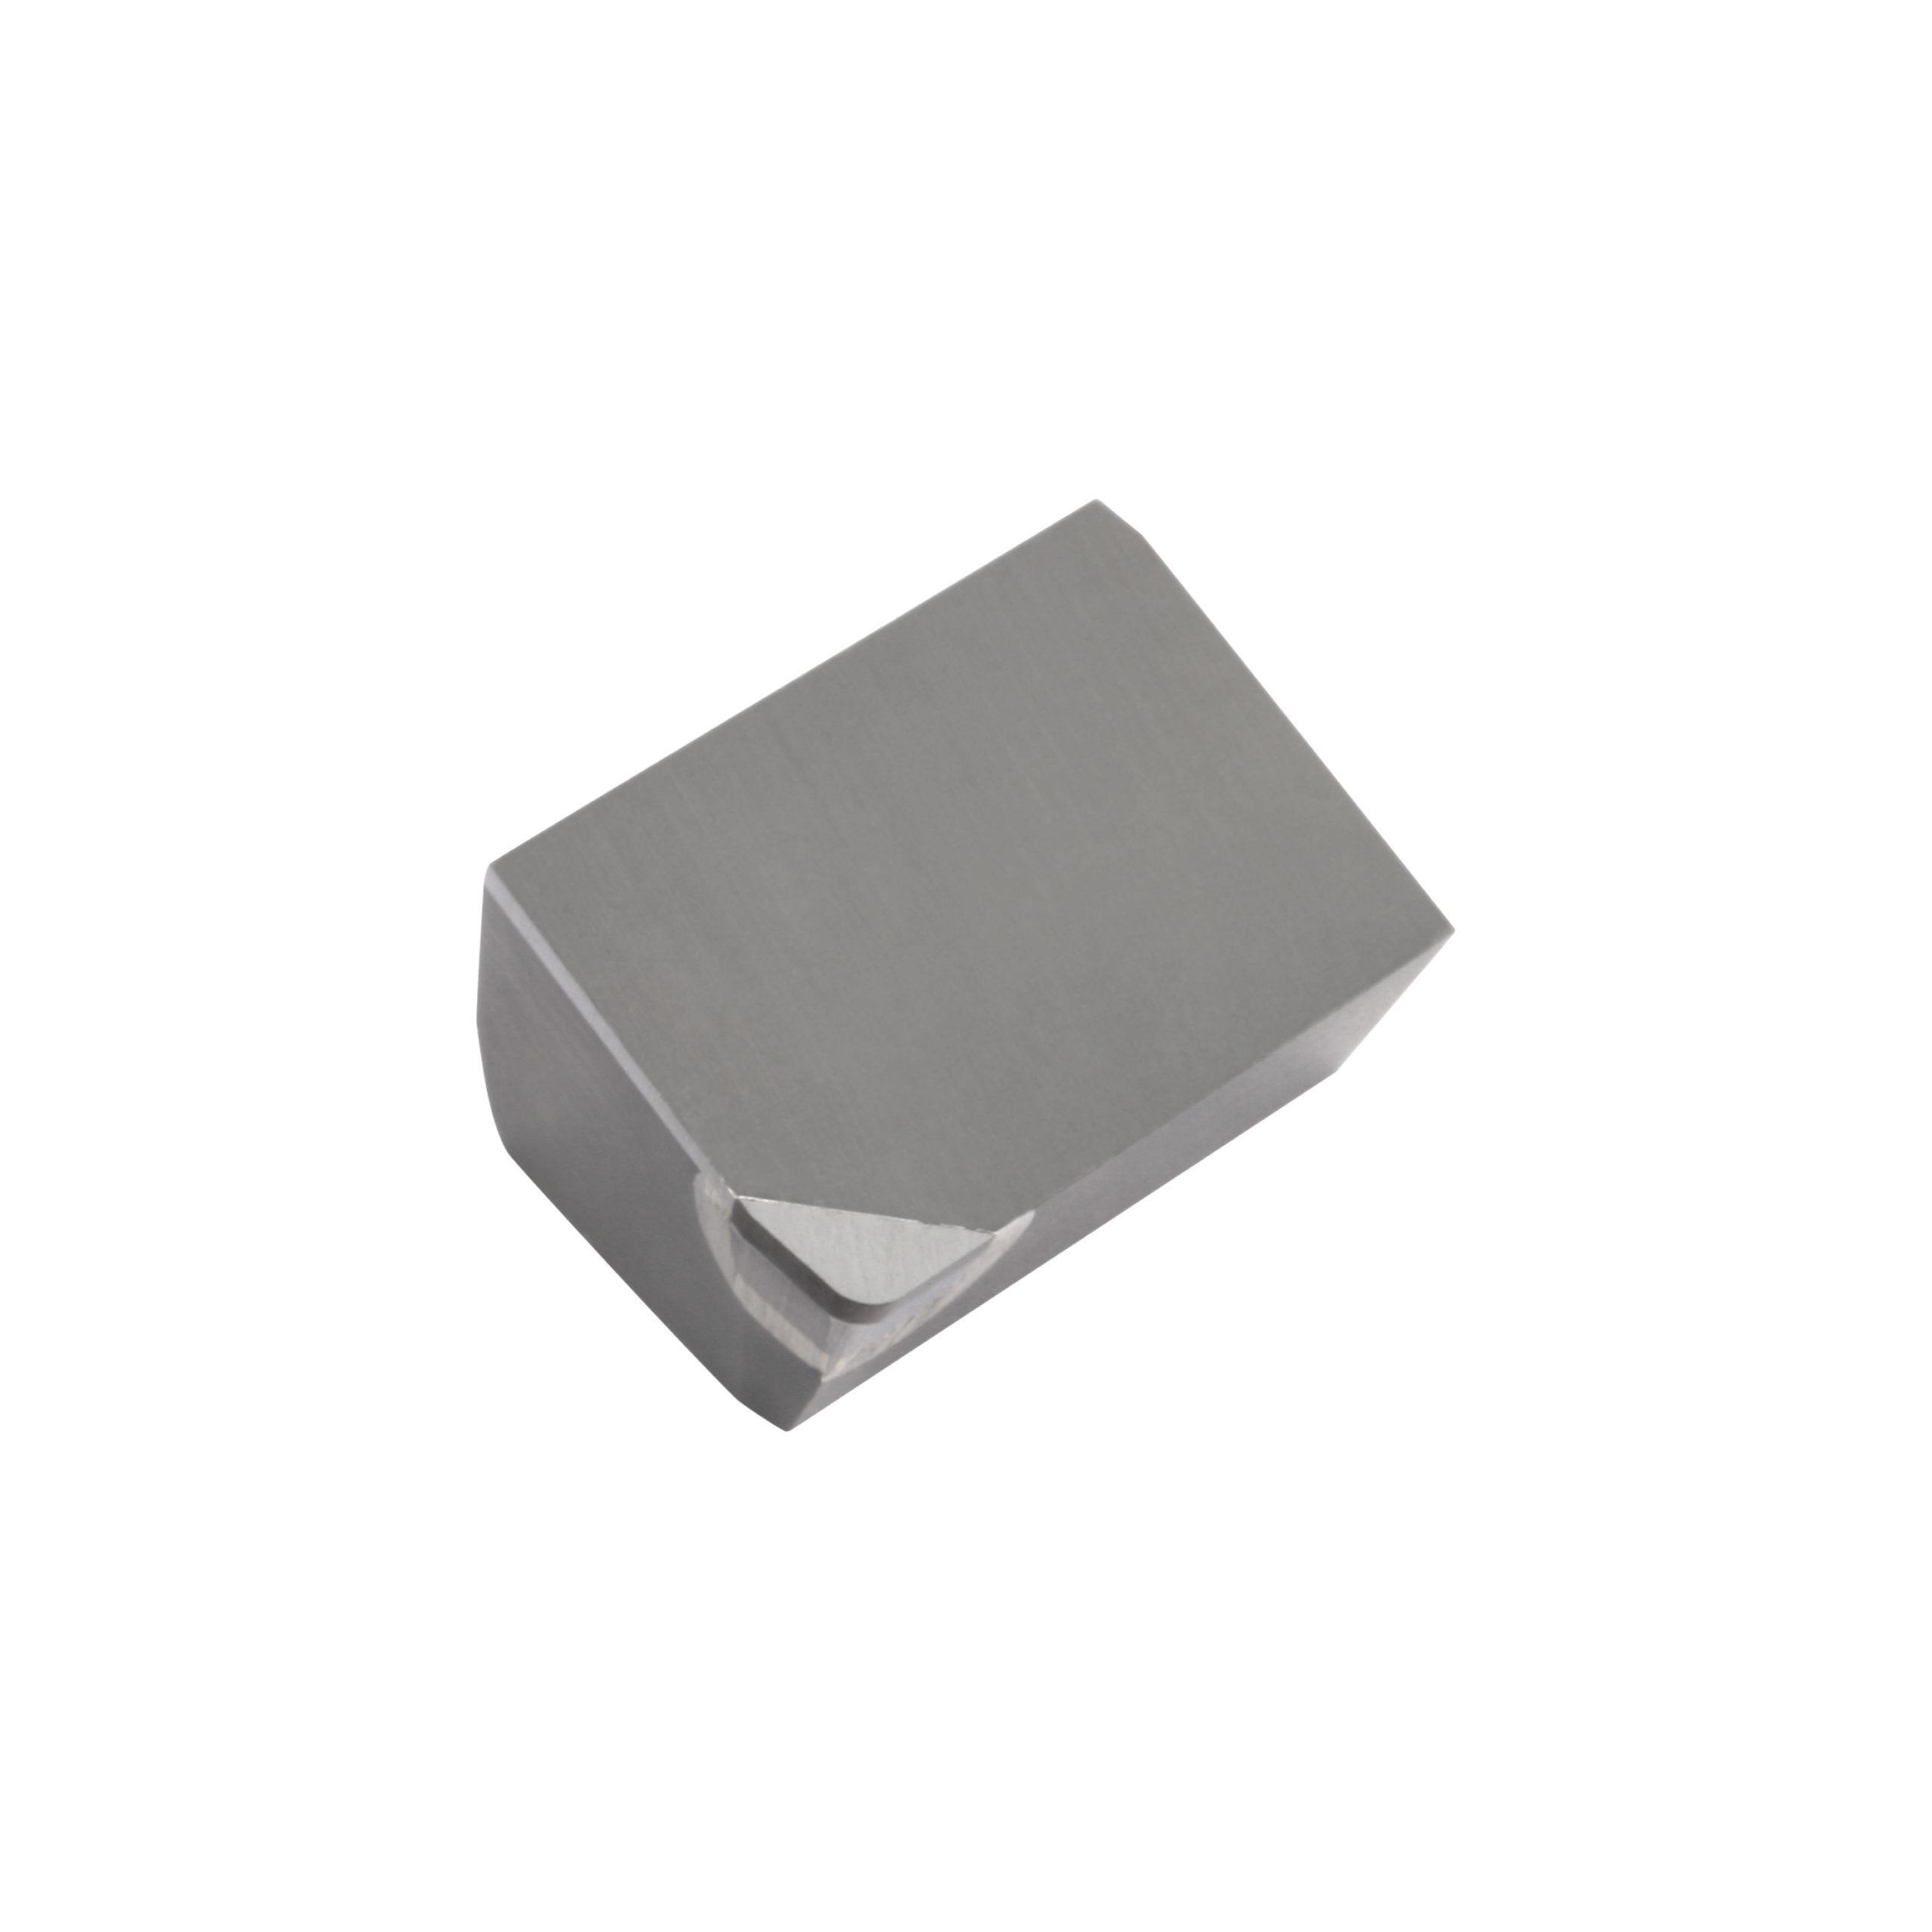 Die PKD-Schneidplatten der KBDM-Baureihe sind in zahlreichen unterschiedlichen Abmessungen verfügbar. Im Bild eine Mini-Schneidplatte für Schlichtschnitte.